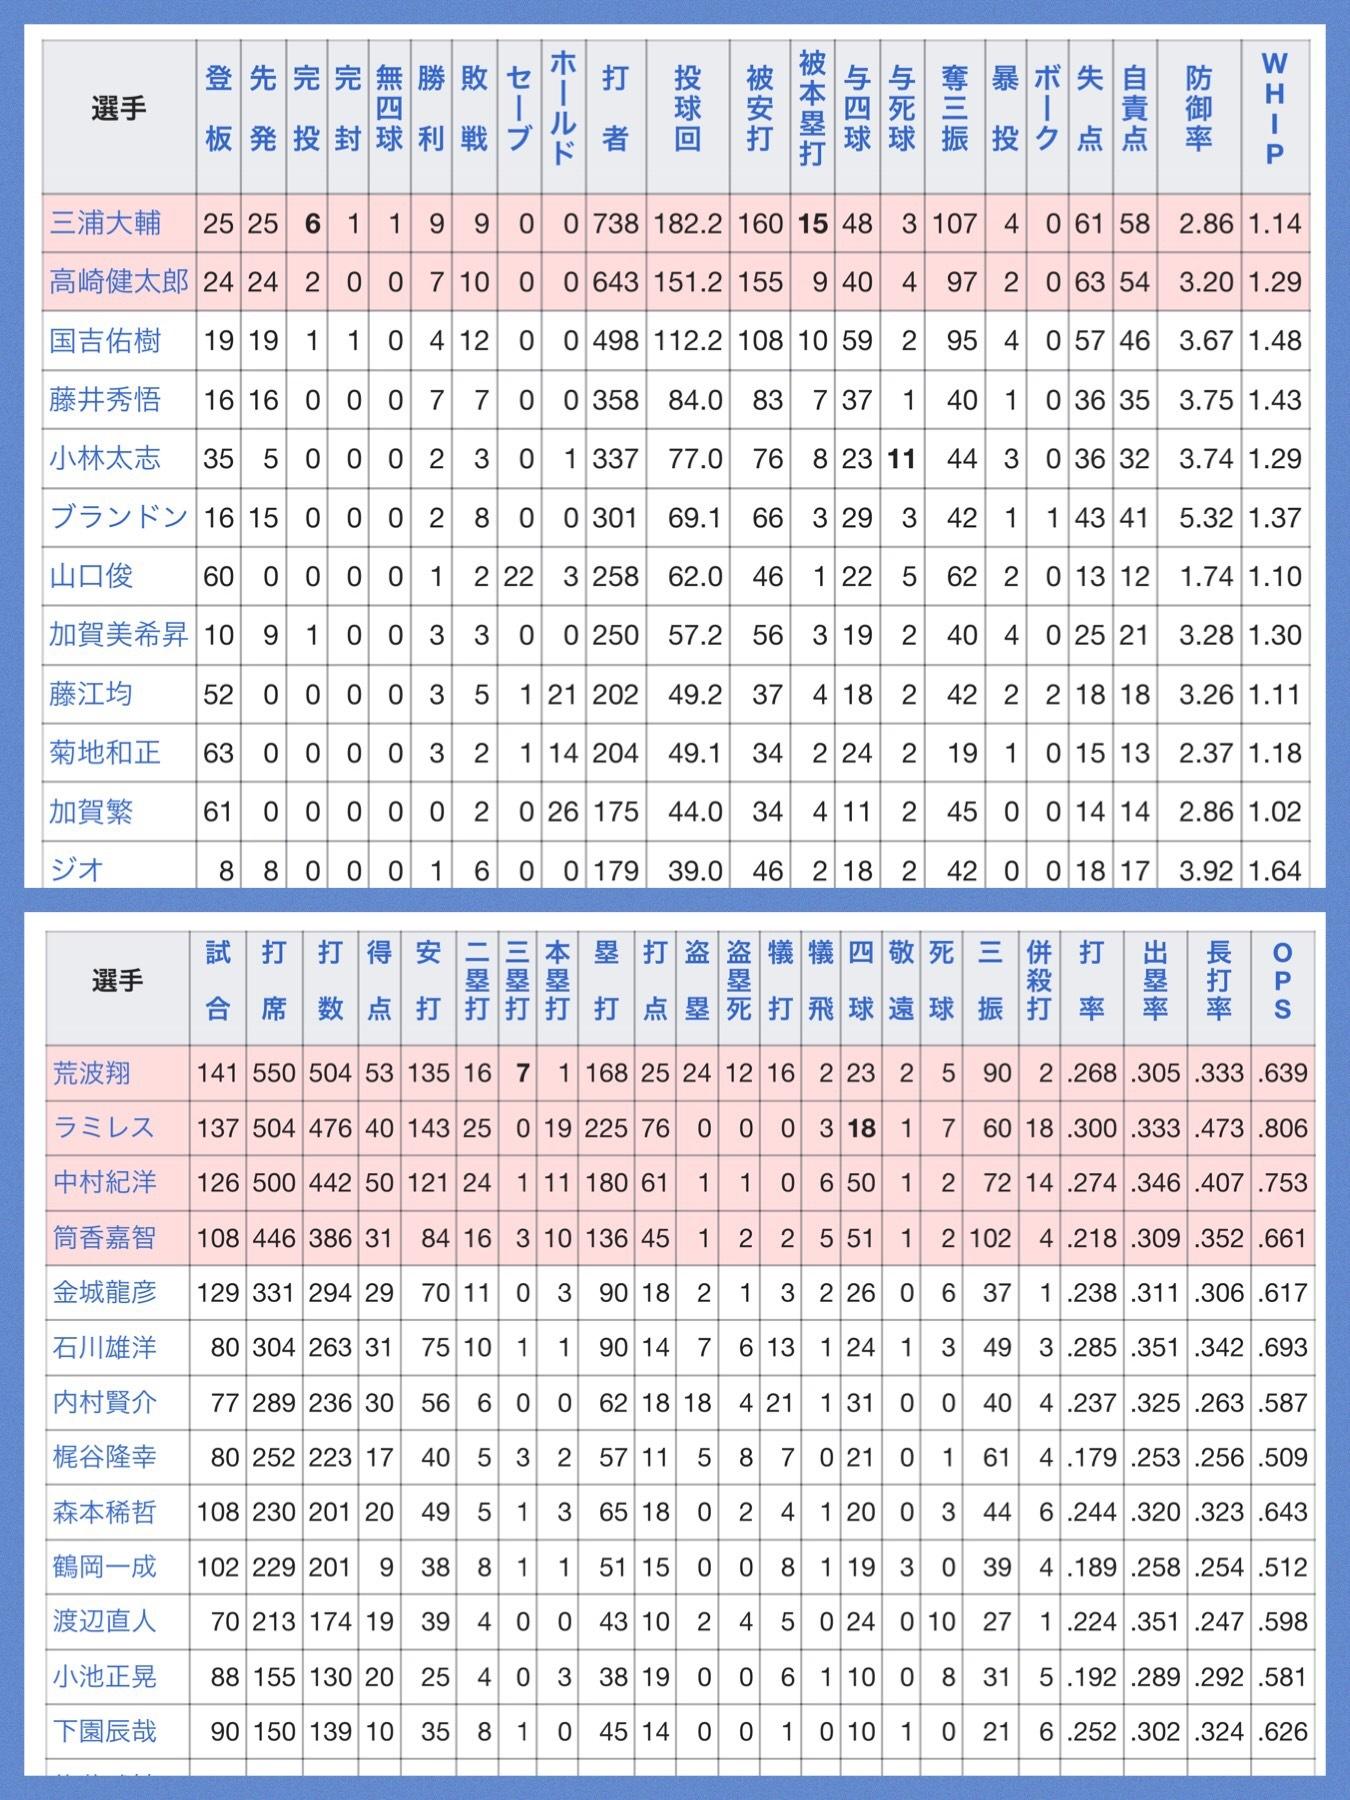 横浜ベイスターズ2012年 選手一覧